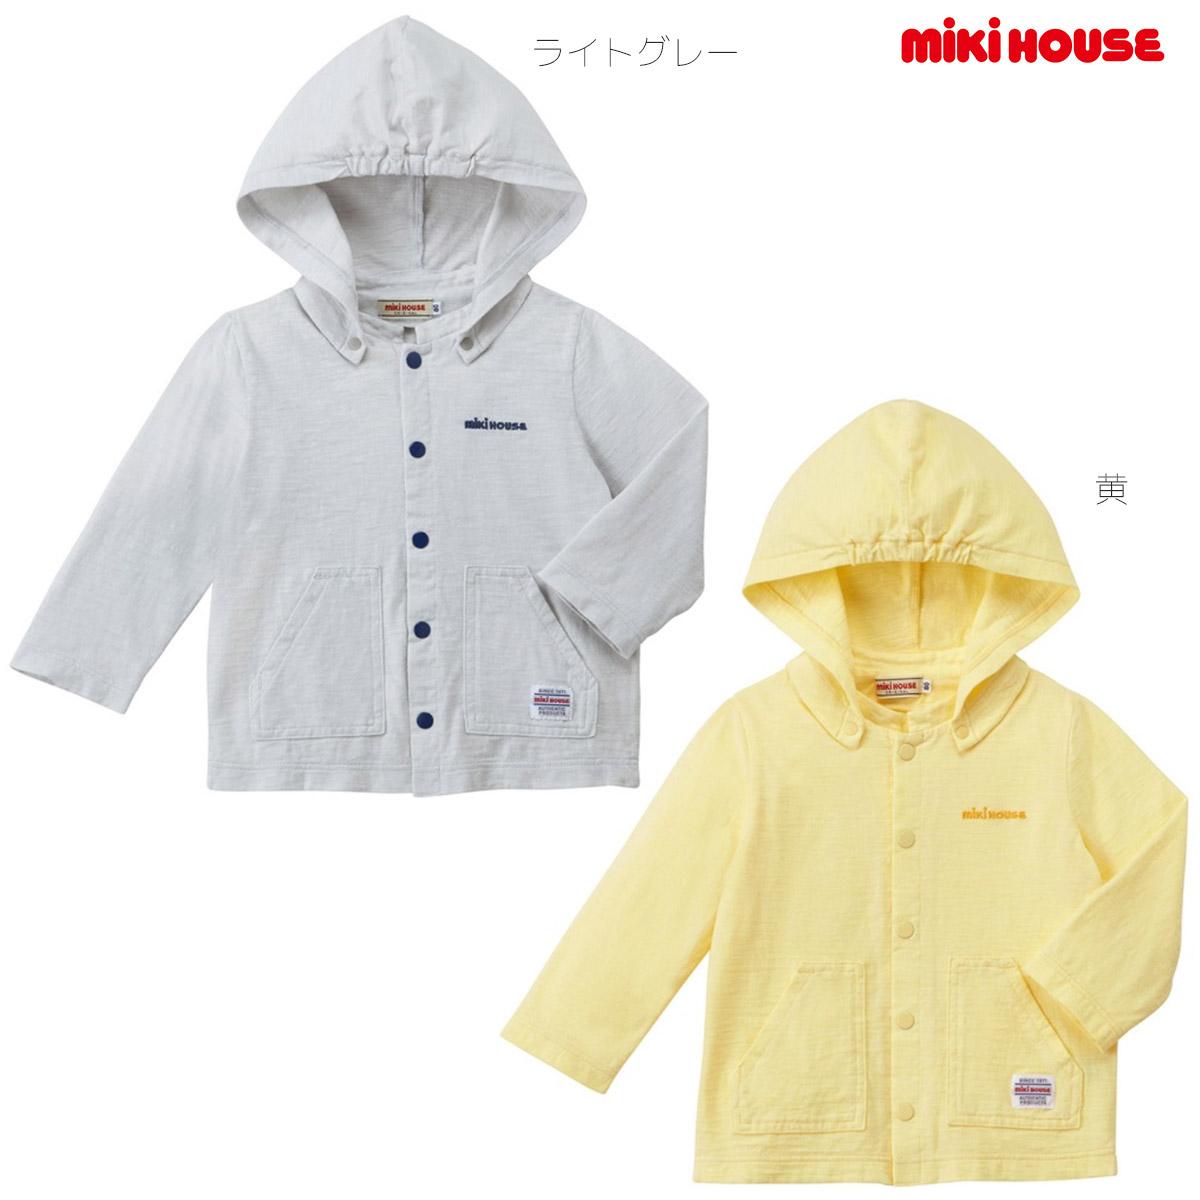 【メール便OK】【MIKIHOUSE ミキハウス】虫よけ加工素材パーカー(80cm-130cm)